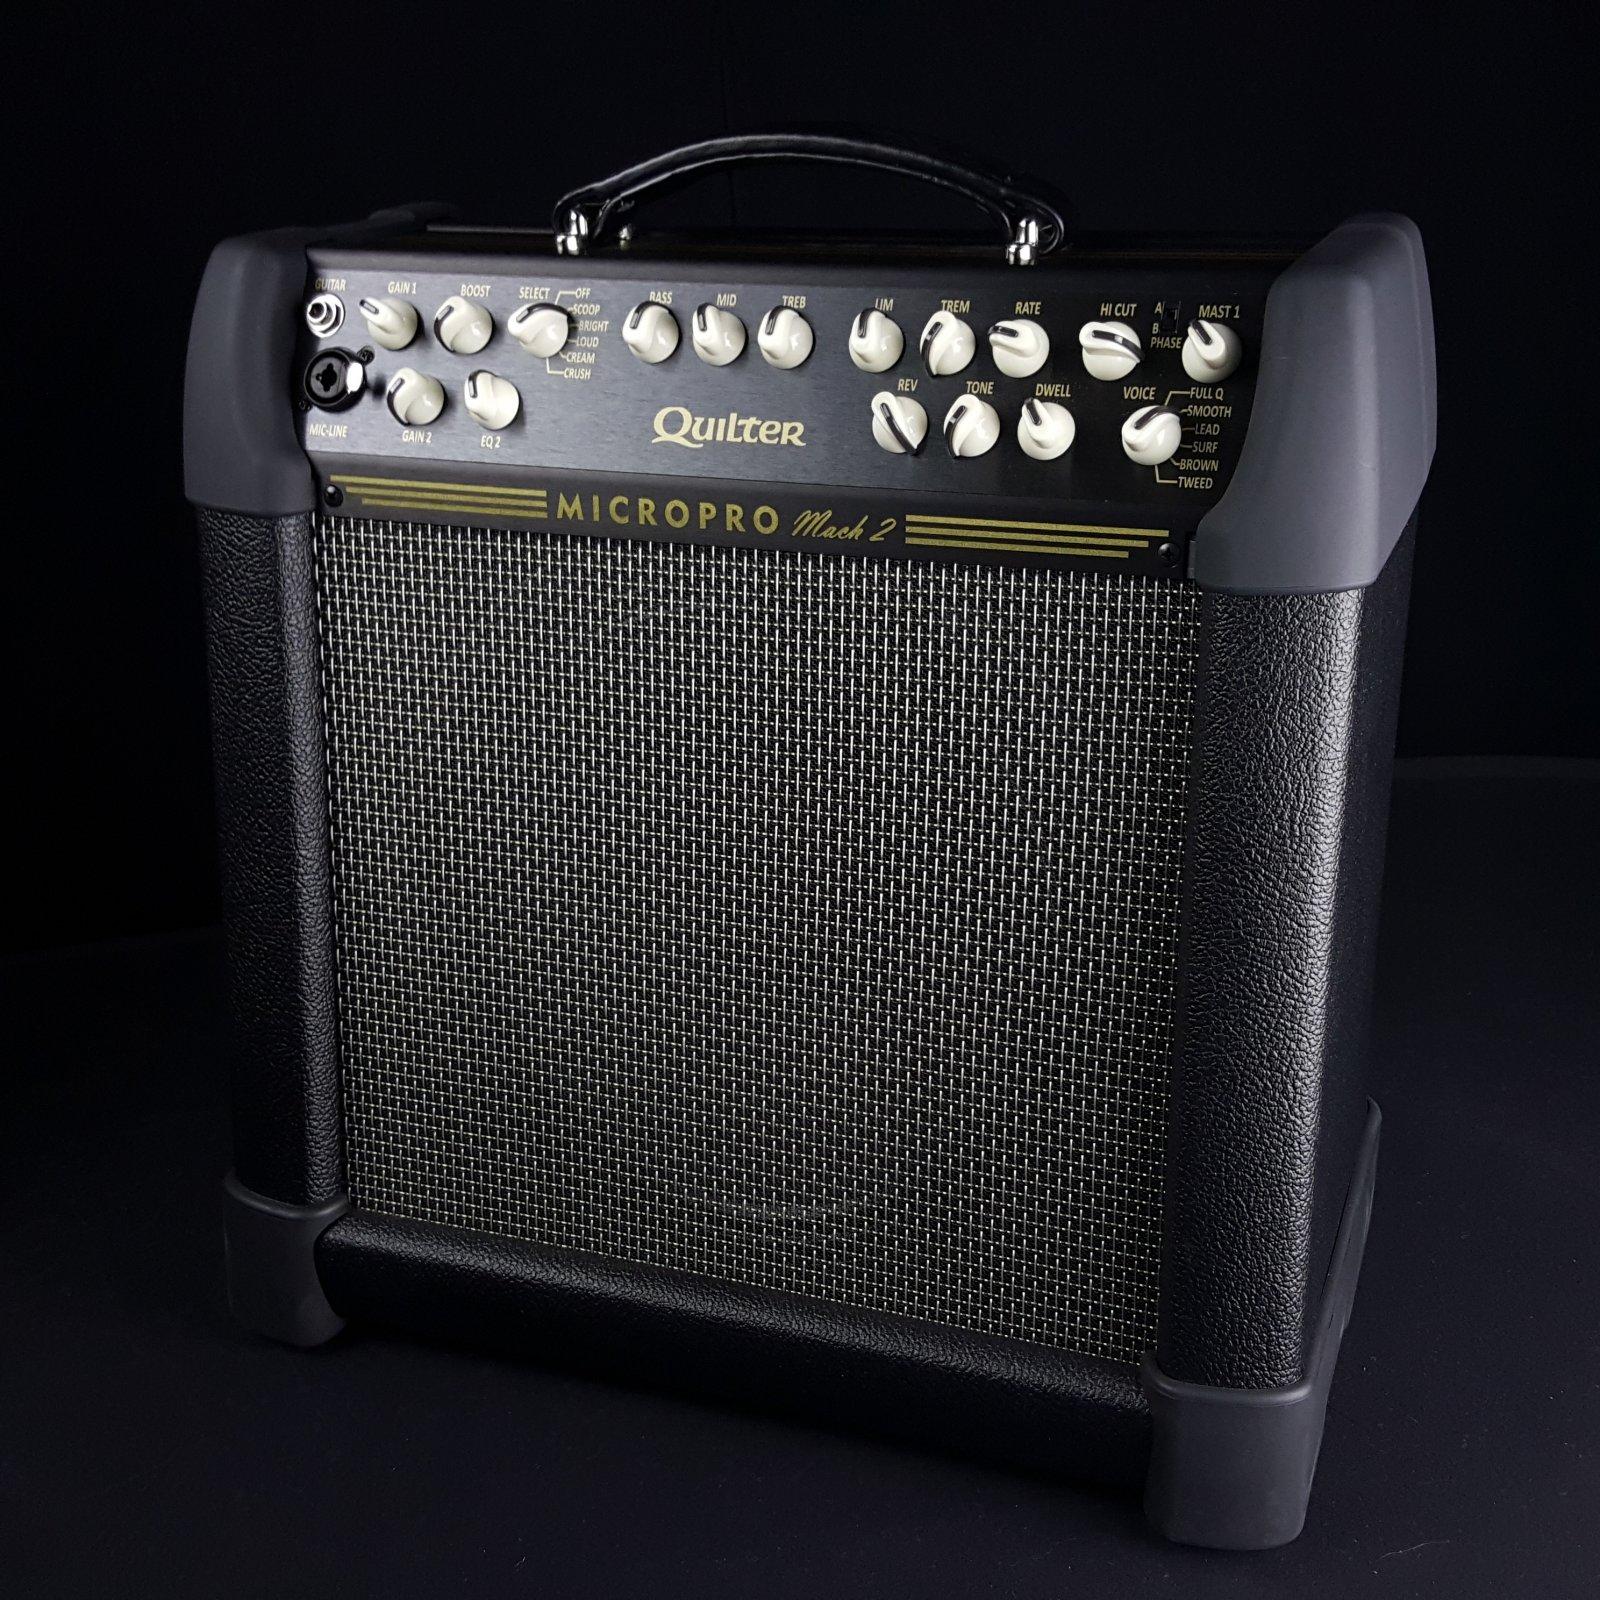 Quilter MicroPro 200 Mach 2 Combo Guitar Amplifier 12 Speaker